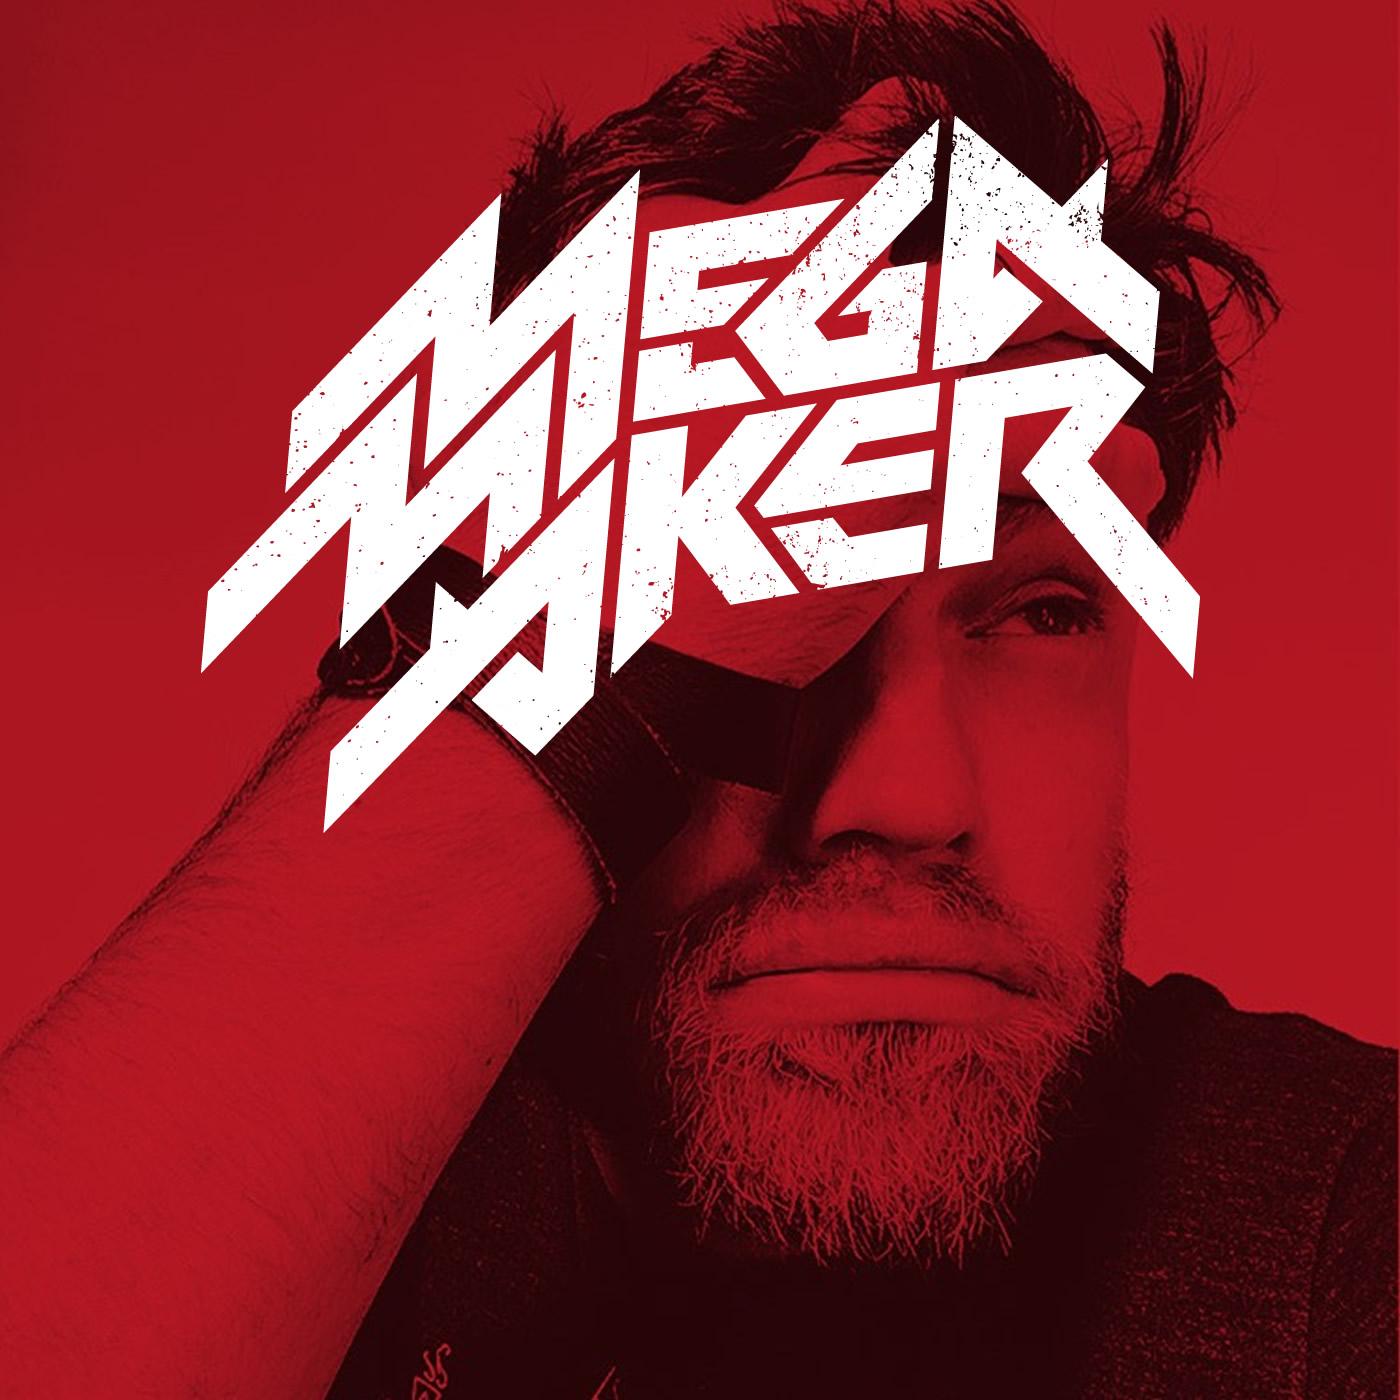 MegaMaker_Podcast_CoverArtwork.jpg